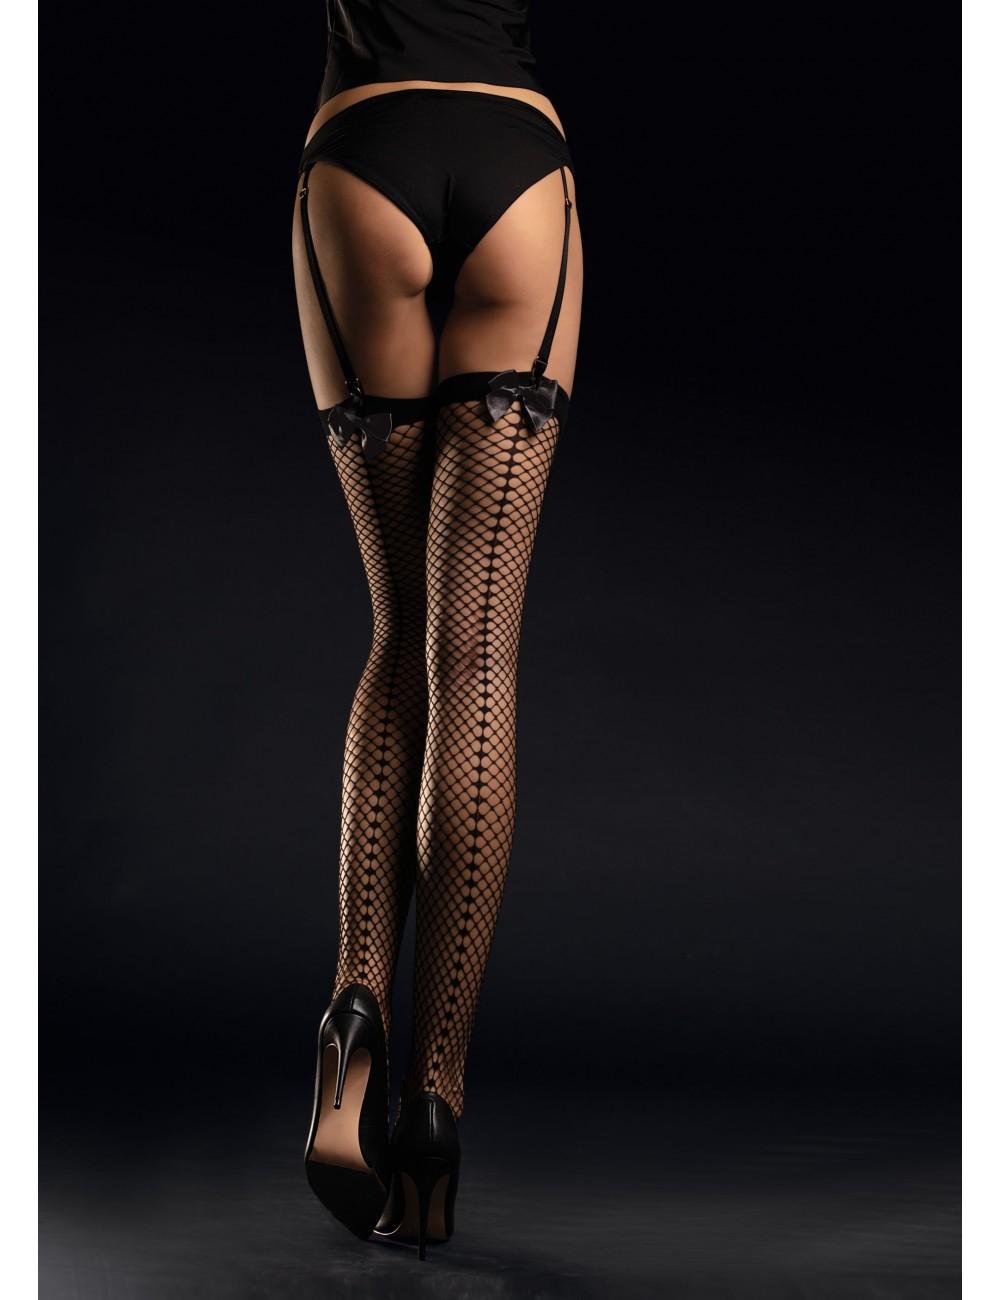 Lingerie - Bas - Bas noire avec couture à l'arrière tissée et un joli nœud noir en satin 30 DEN Satine - Fiore